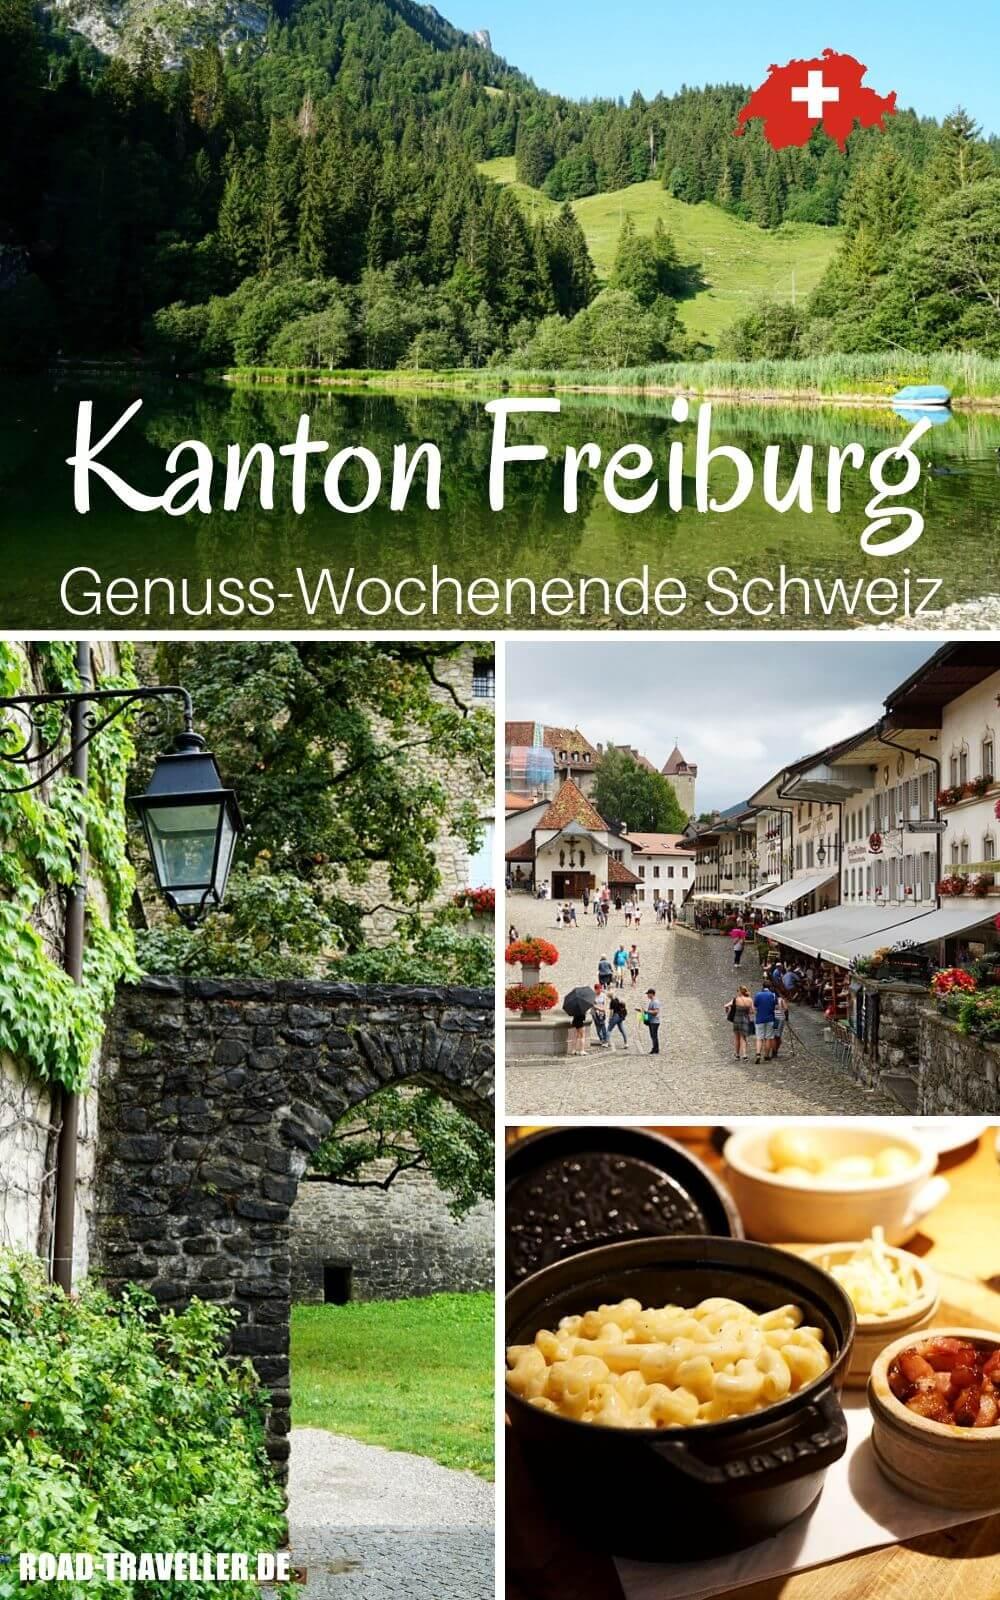 Wochenende im Kanton Freiburg und in der Region Gruyere mit Wandern und Geniessen